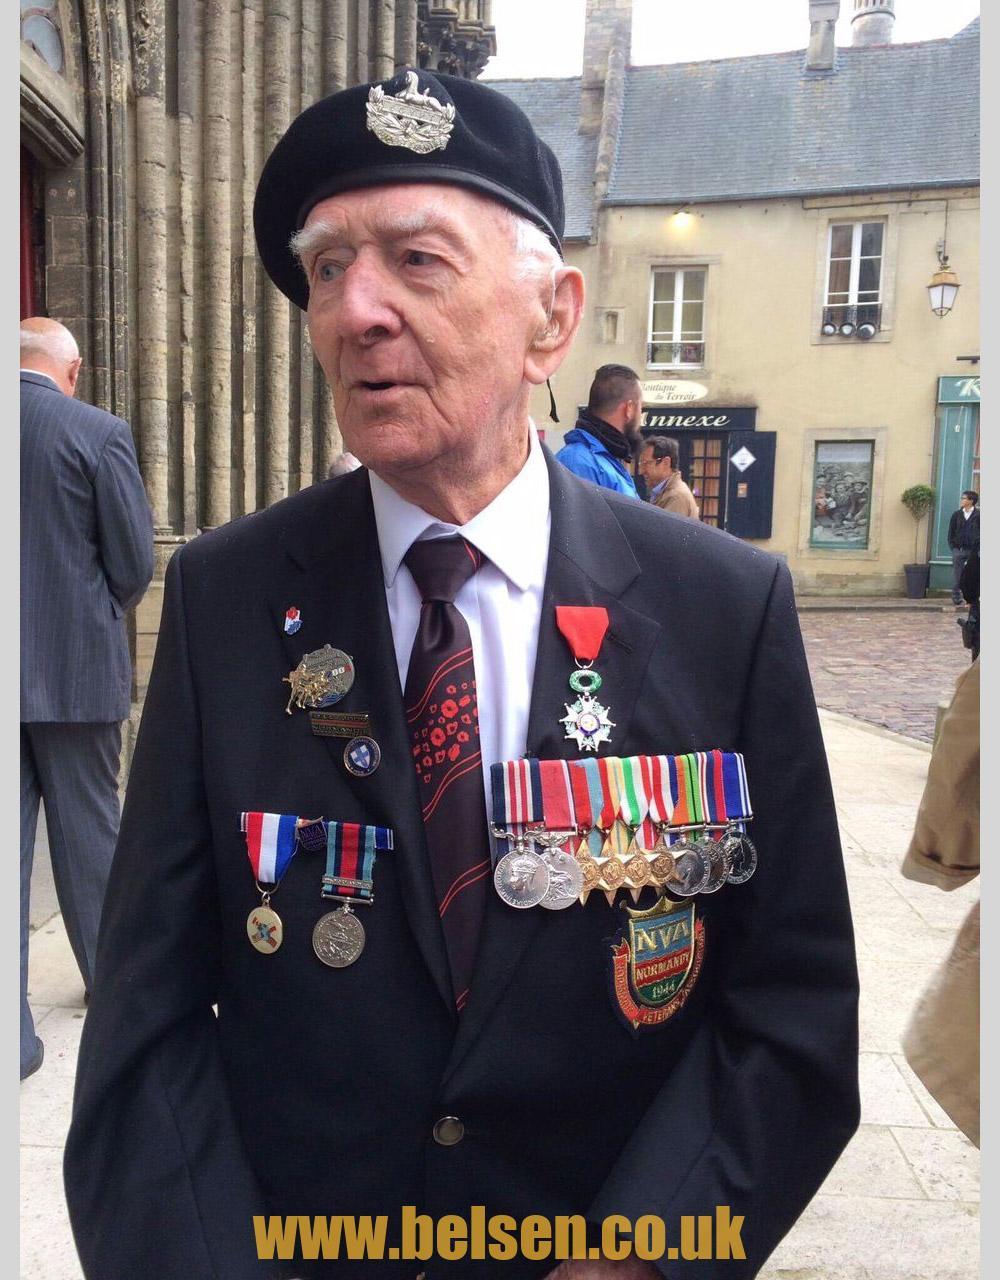 Belsen liberator Hector Duff